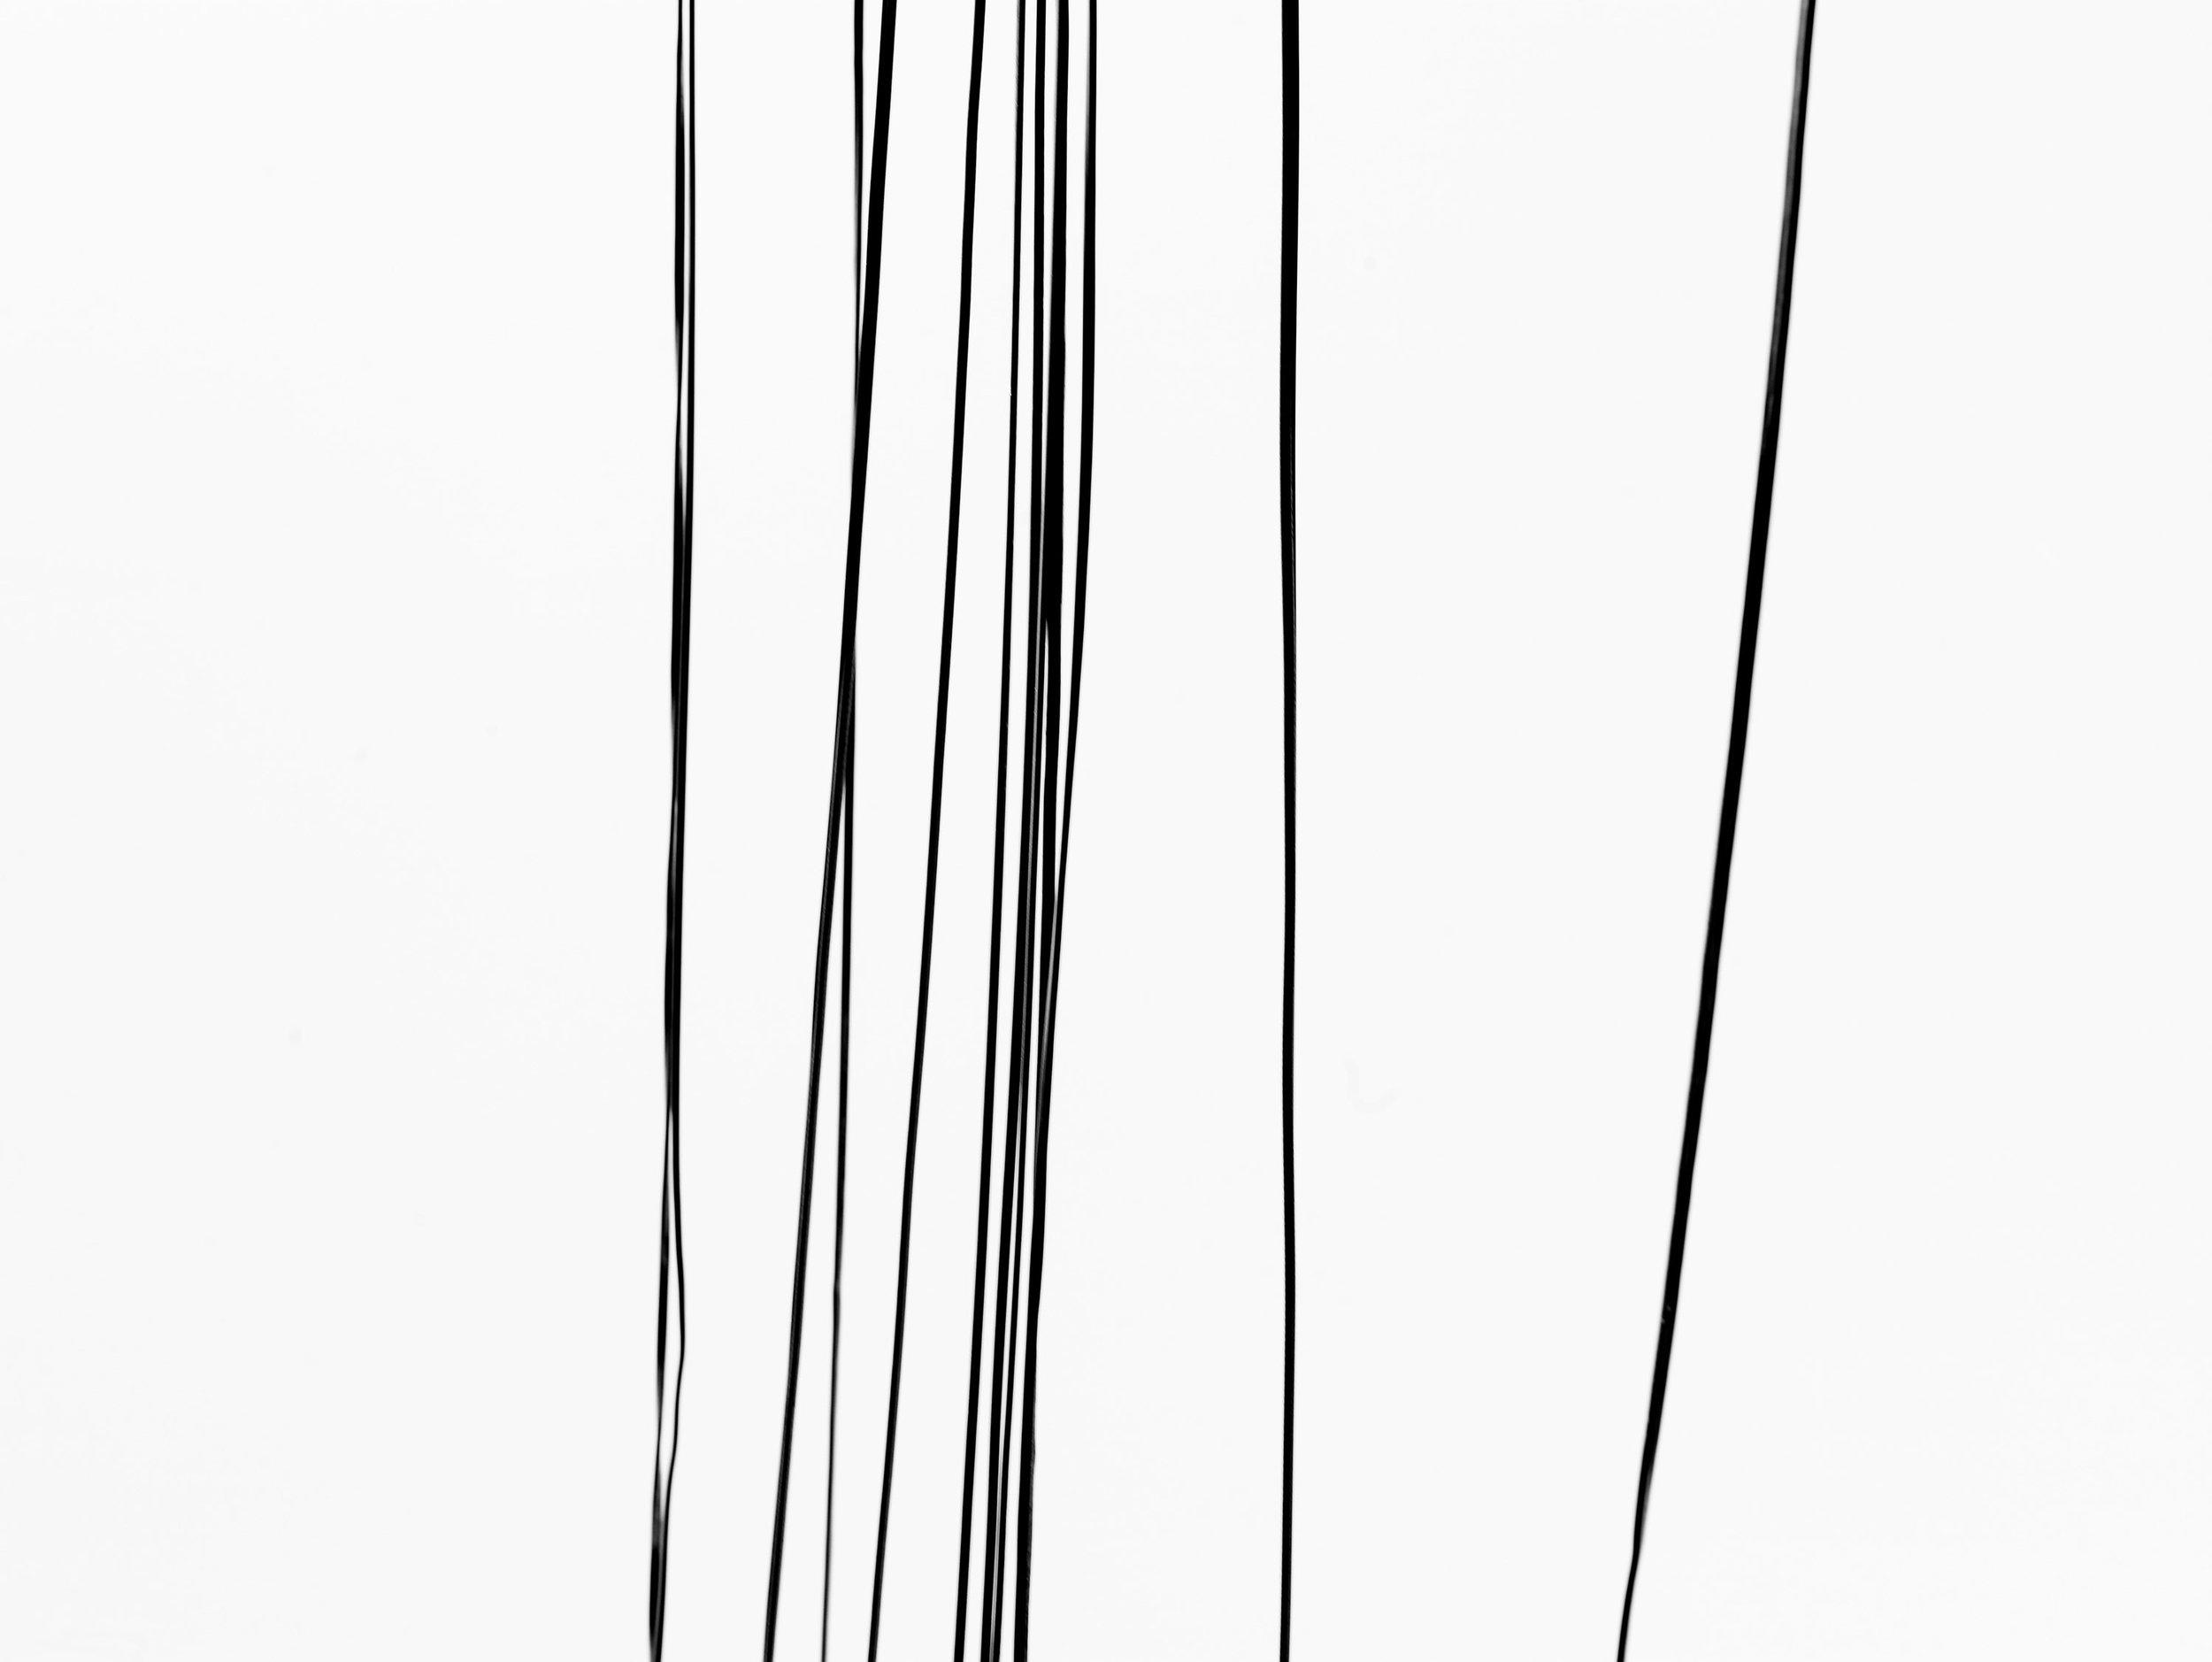 lines-009.jpg